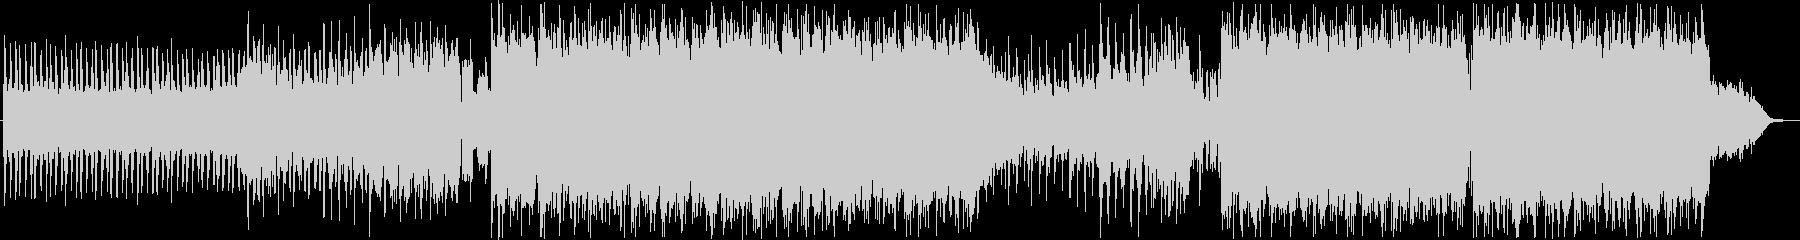 シーンをクールに彩るエレクトロ&ロックの未再生の波形